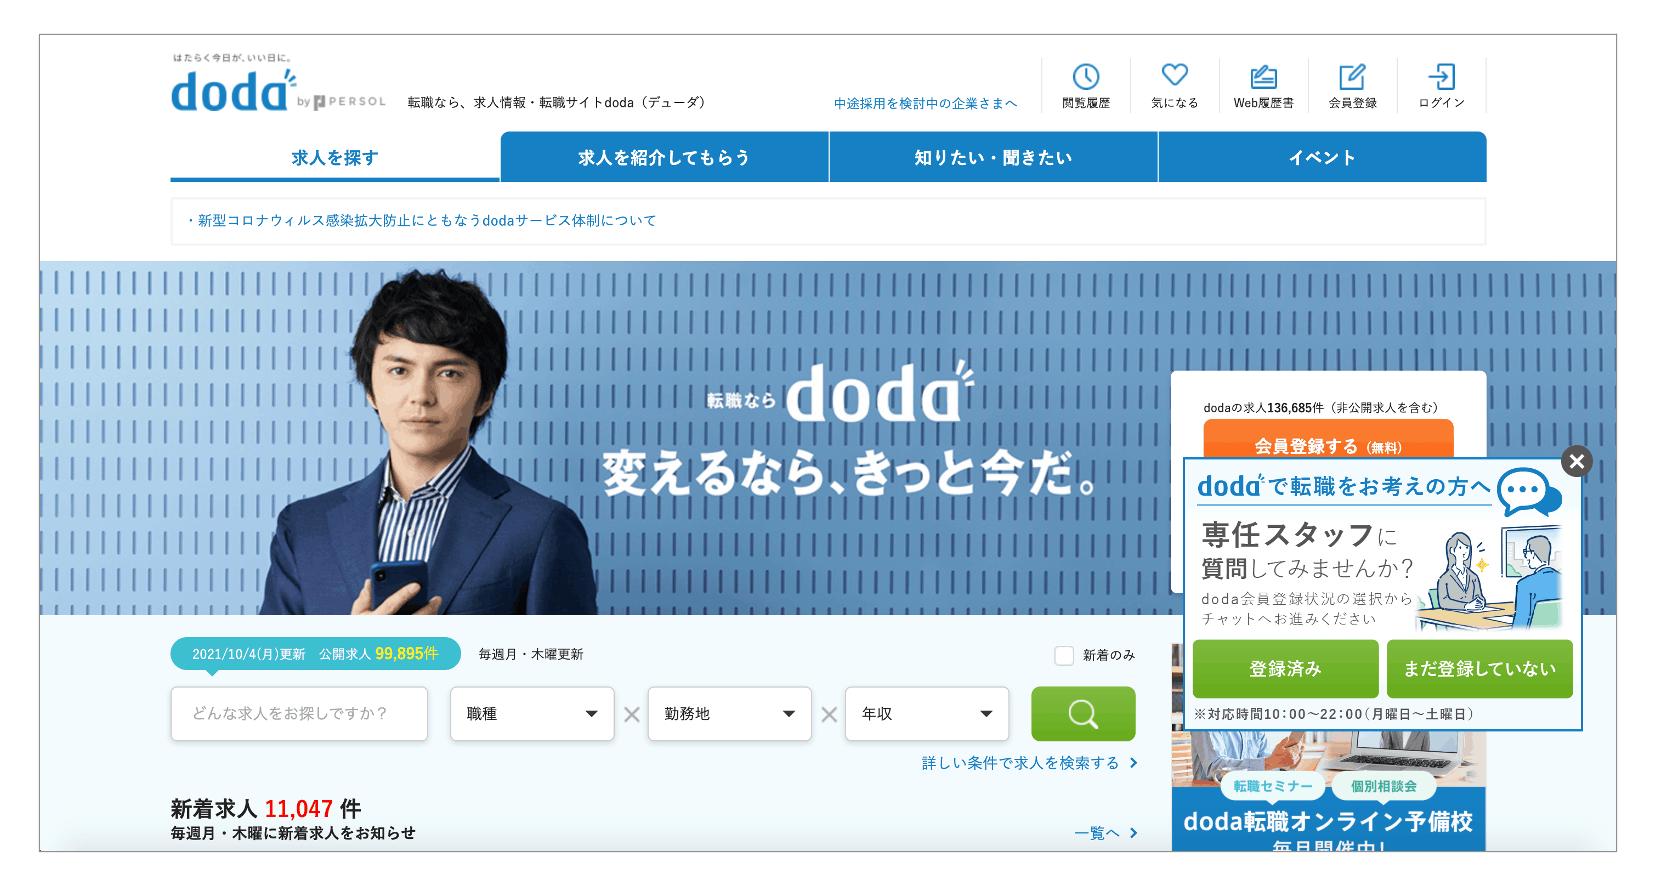 dodaのメリット「求人件数が多い」